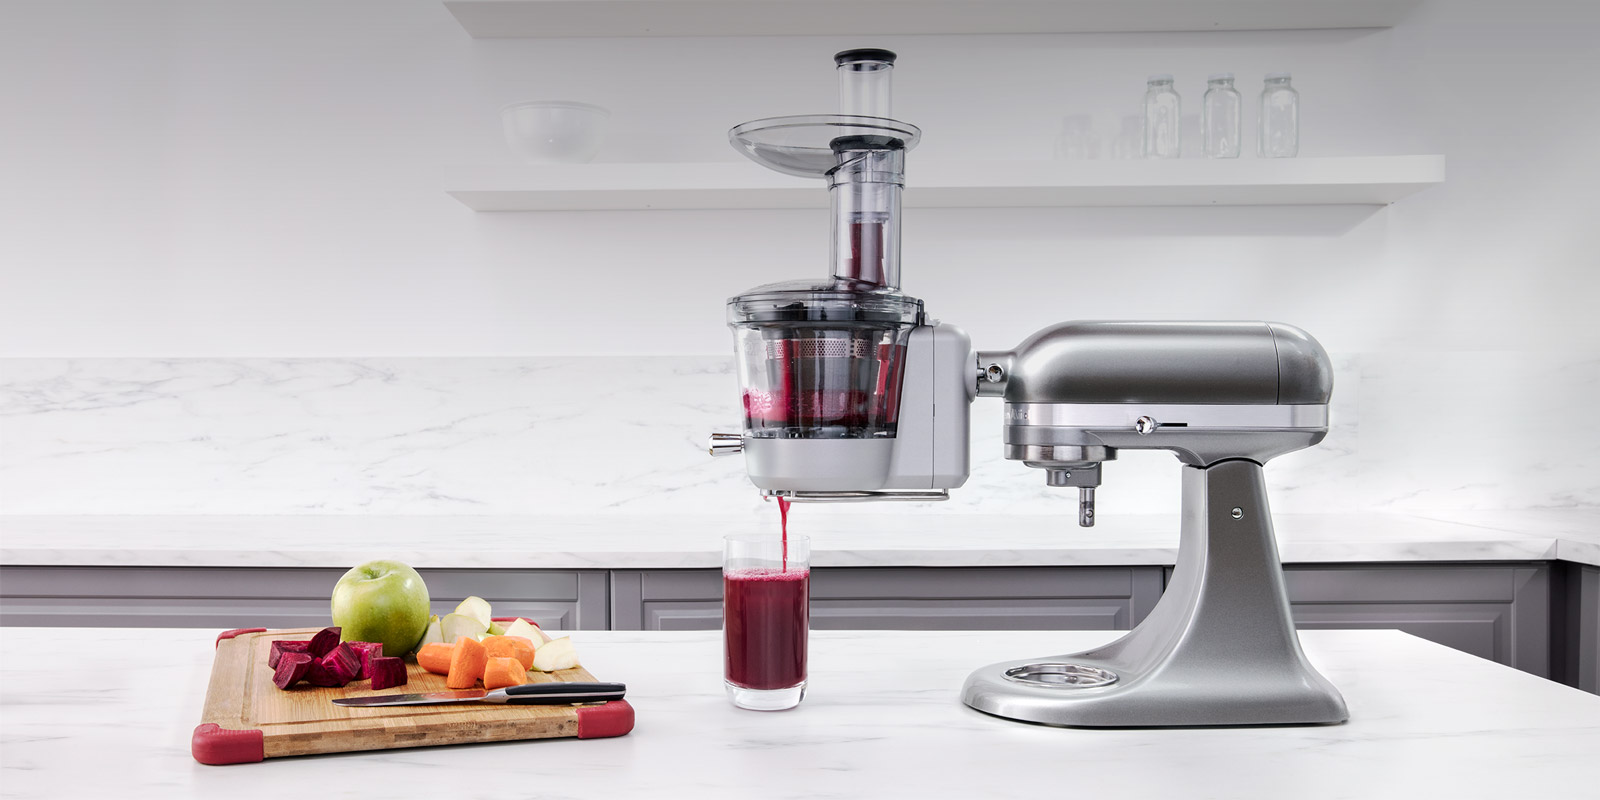 site officiel kitchenaid | appareils électroménagers de qualité